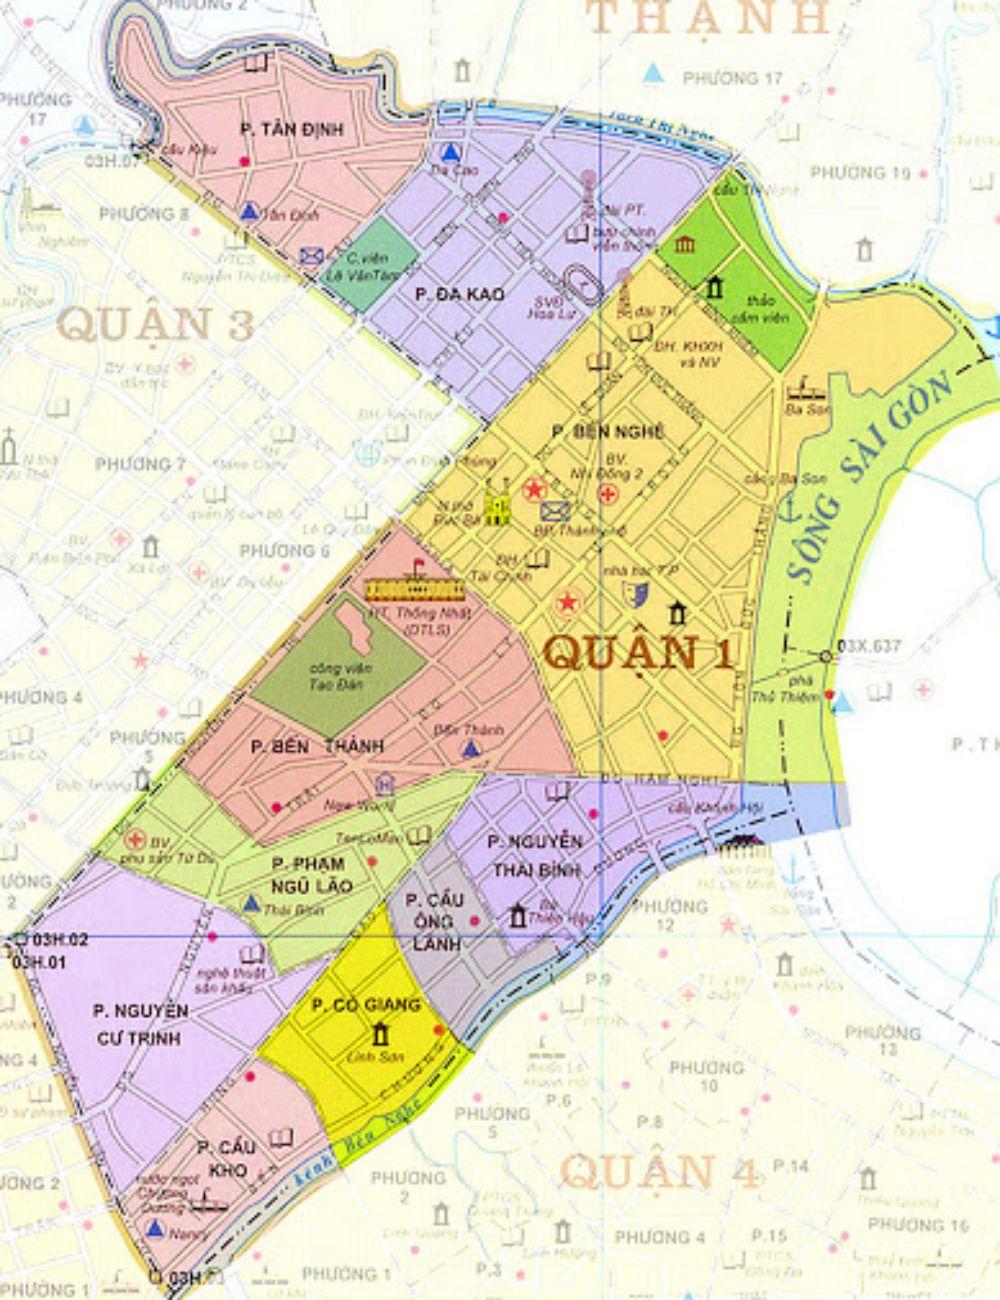 Bàn đồ hành chính Quận 1 TPHCM